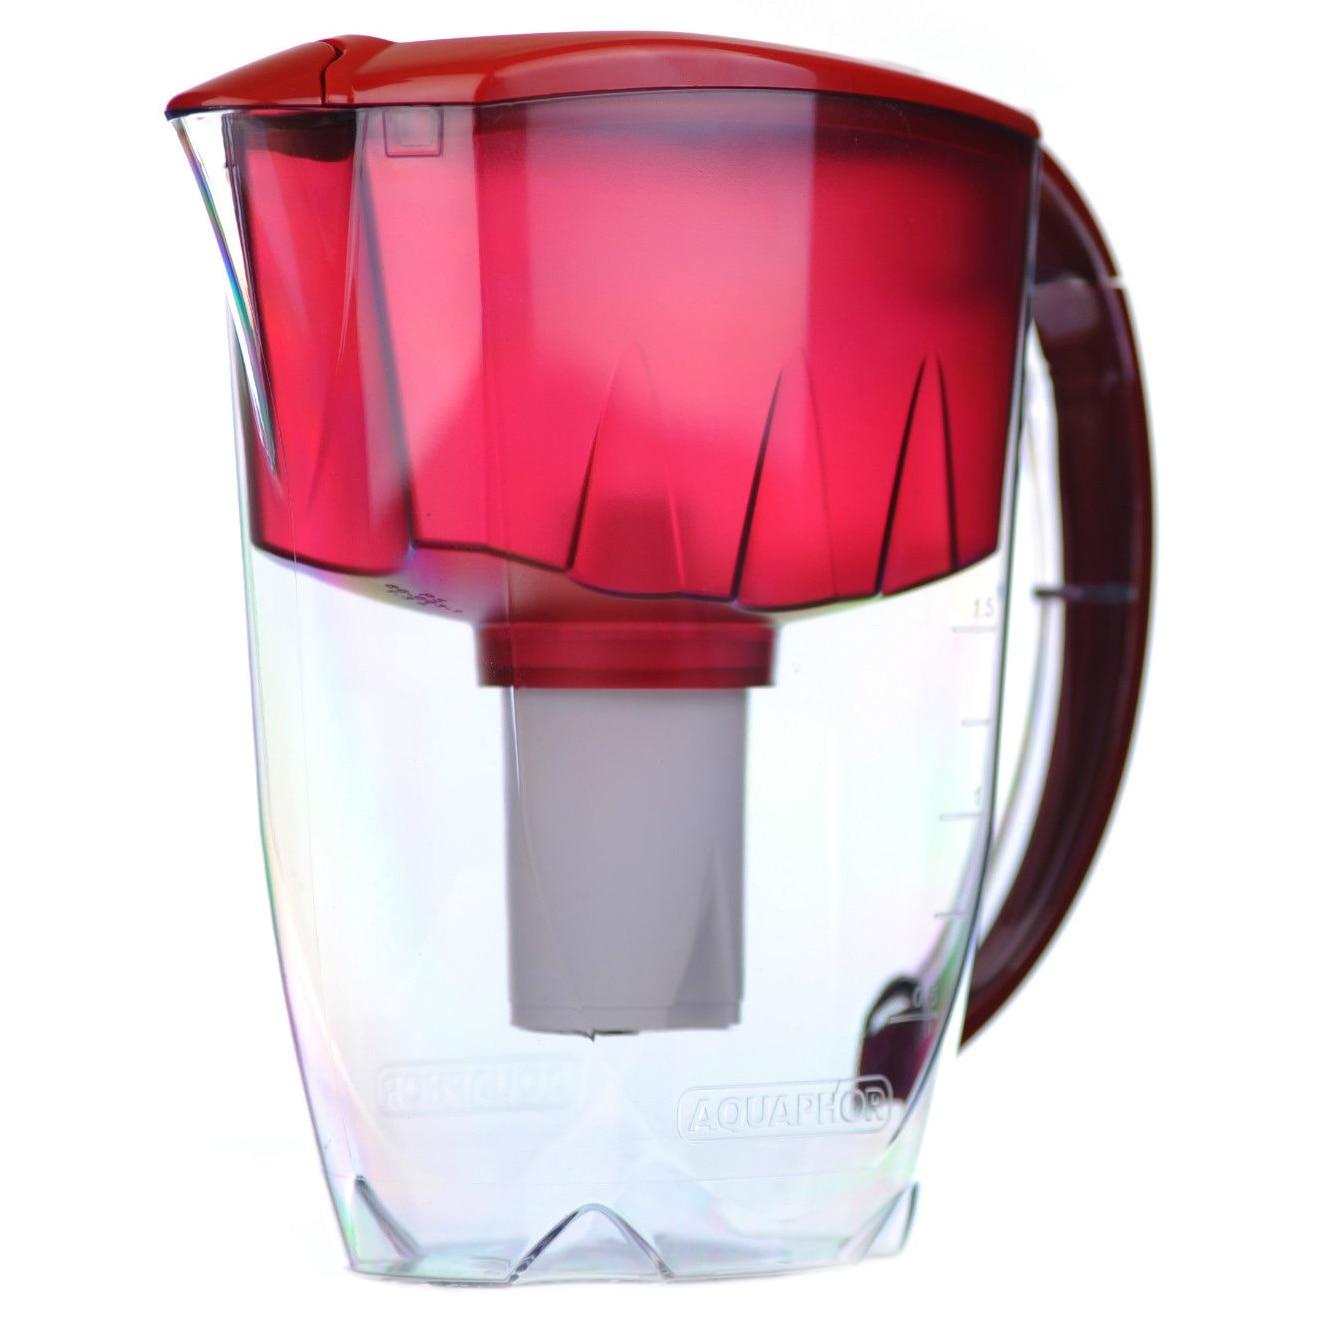 Fotografie Cana de filtrare Aquaphor, model Ideal, Visiniu